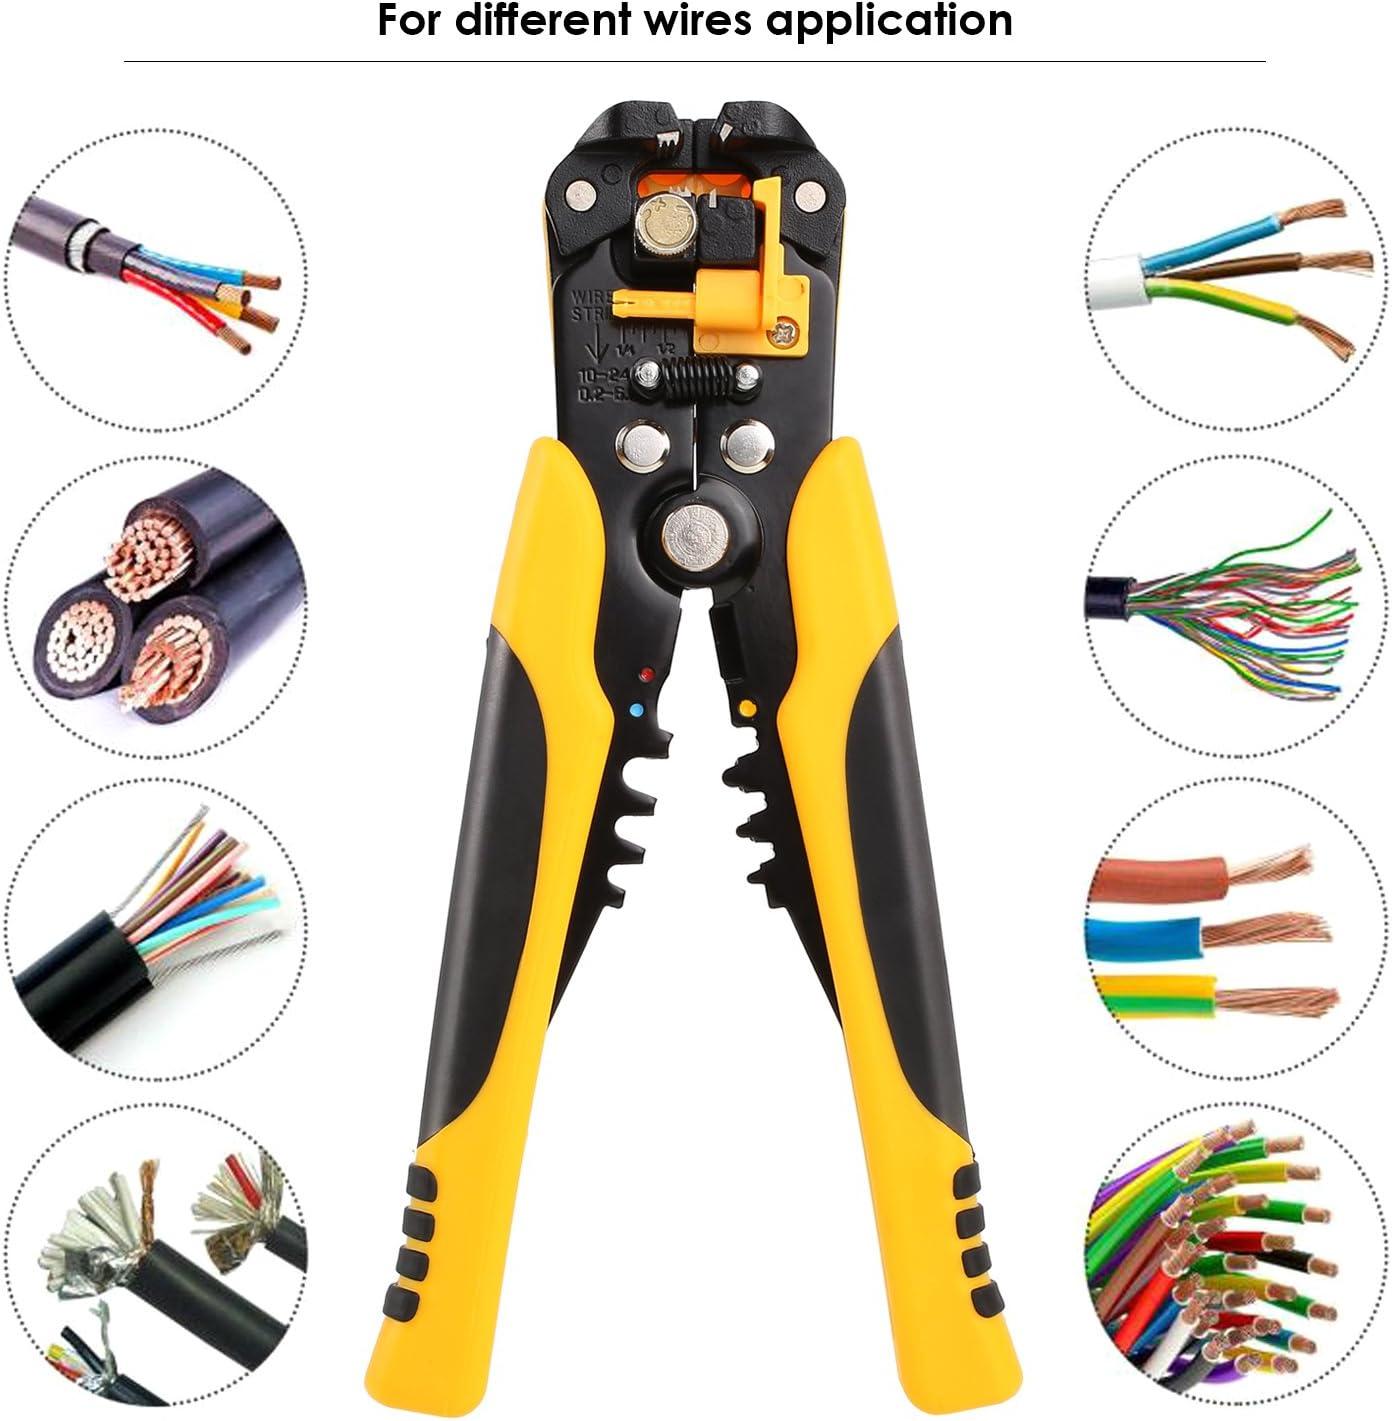 Fixkit - Pelacables autoajustables, herramienta de pelado automático de cables de 20,3 cm con agarres premium AWG 10-24 (0,2 ~ 6,0 mm²) – Multi herramienta pelacables, cortador y crimpadora (amarillo con negro): Amazon.es: Bricolaje y herramientas